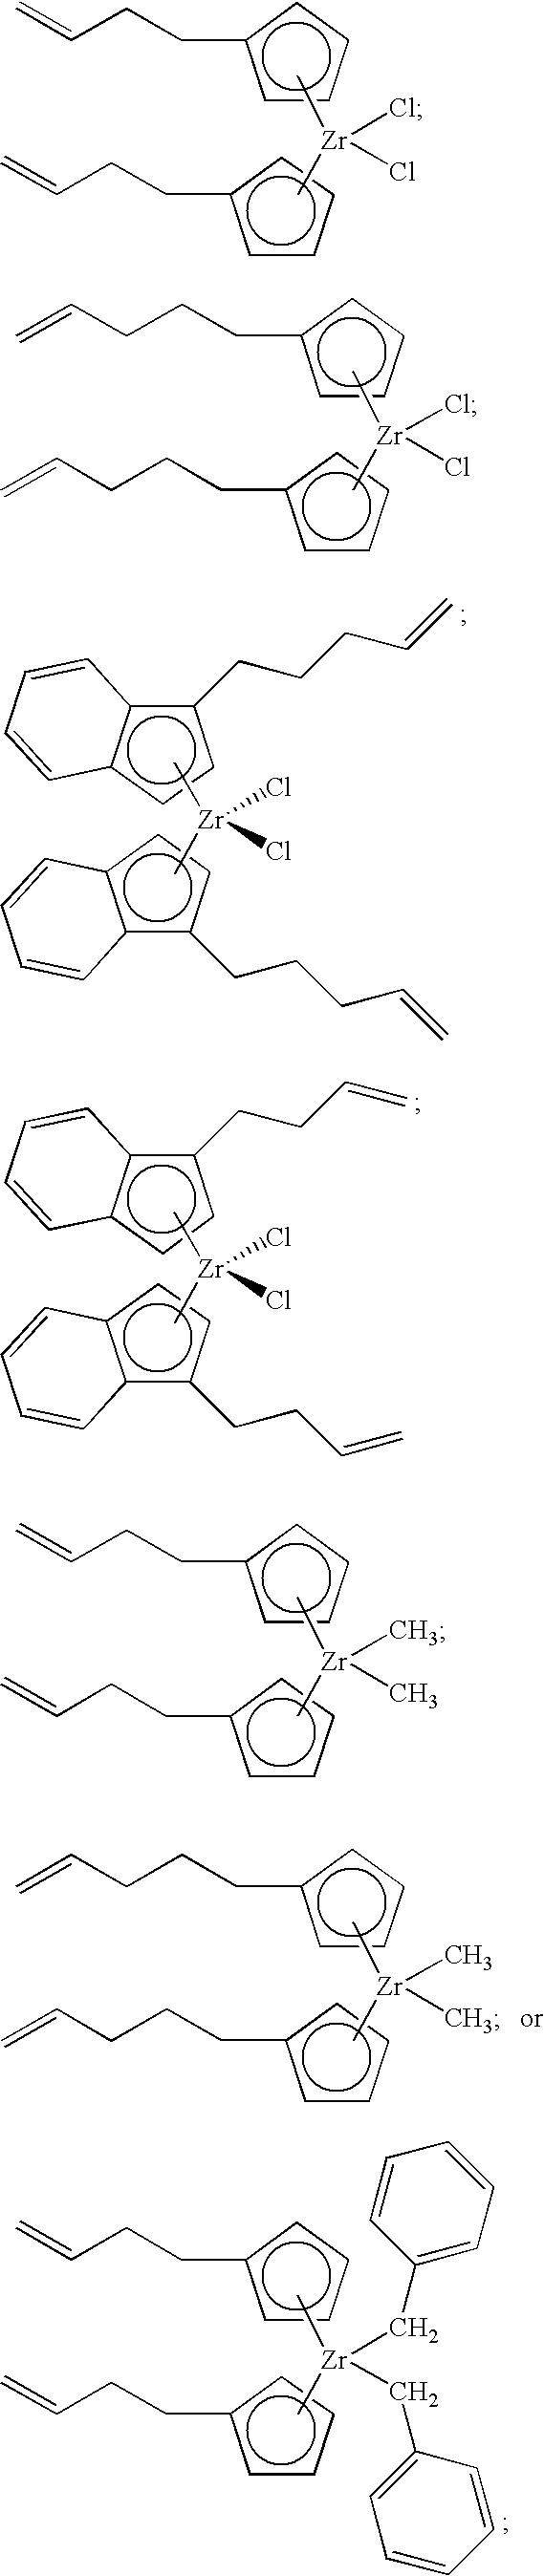 Figure US20100076167A1-20100325-C00016